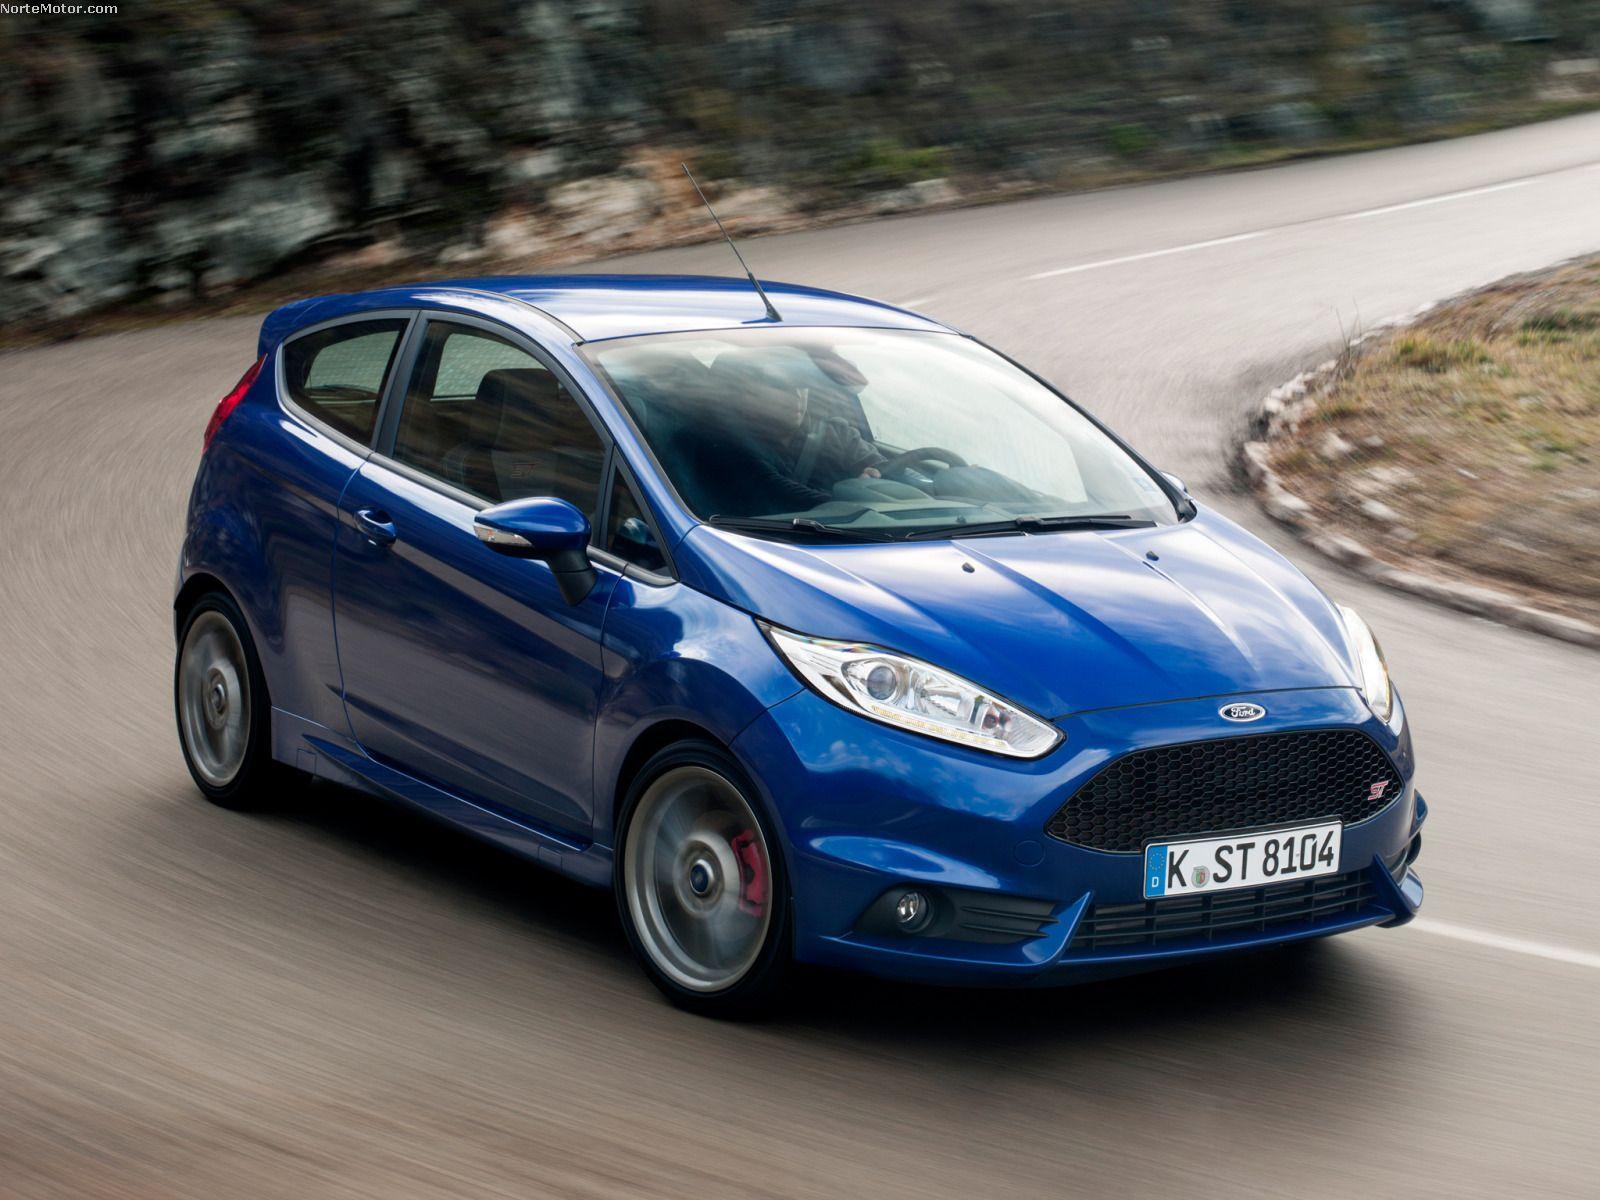 Nuevo Ford Fiesta ST 2014